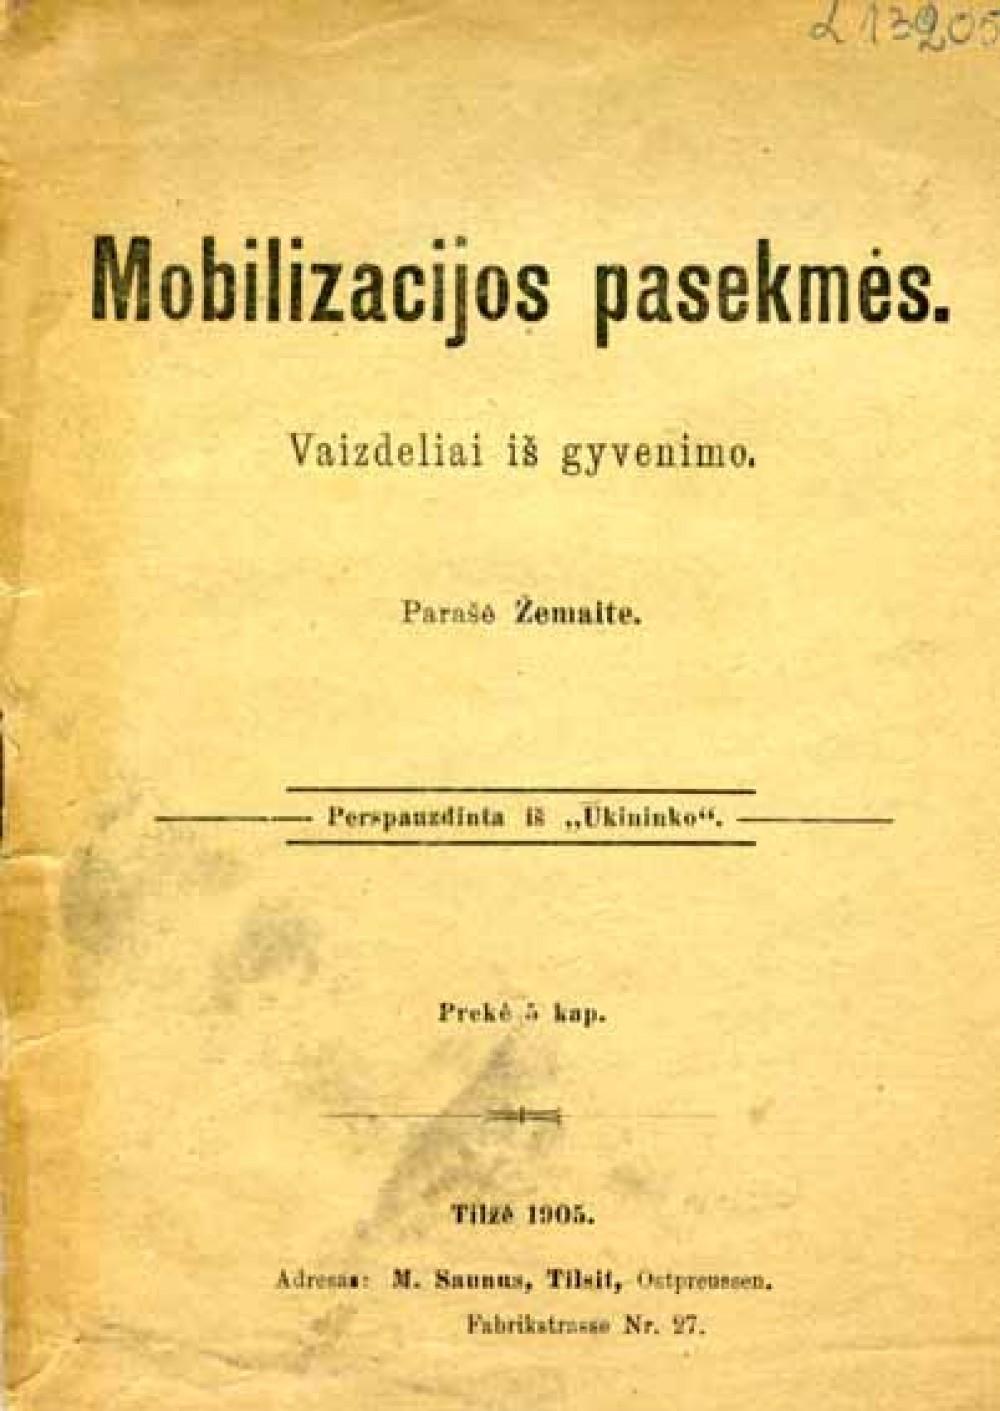 Pirmieji Žemaitės kūriniai buvo leidžiami atskiromis knygelėmis